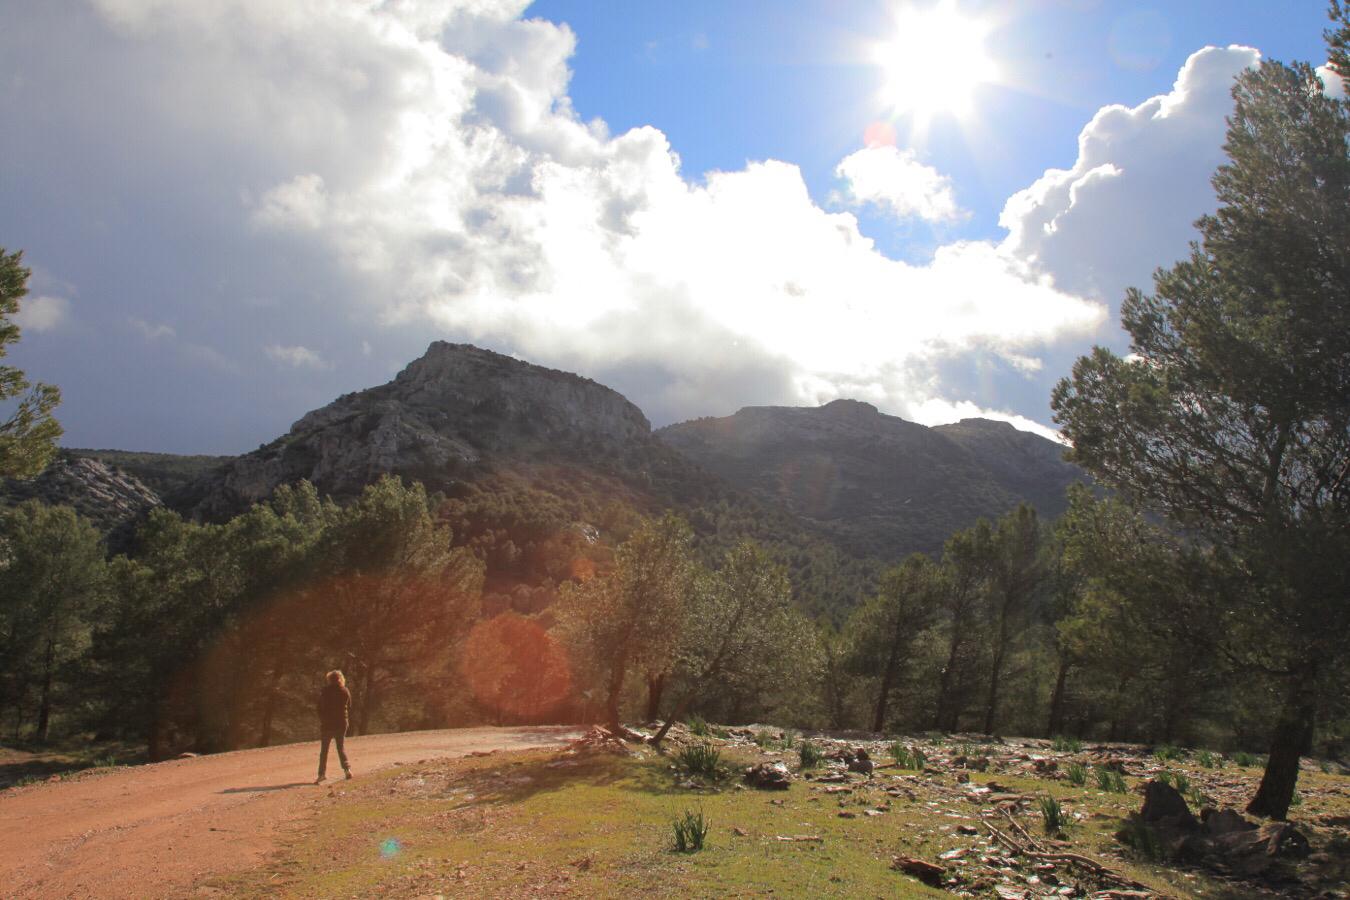 En køre/gåtur i bjergene